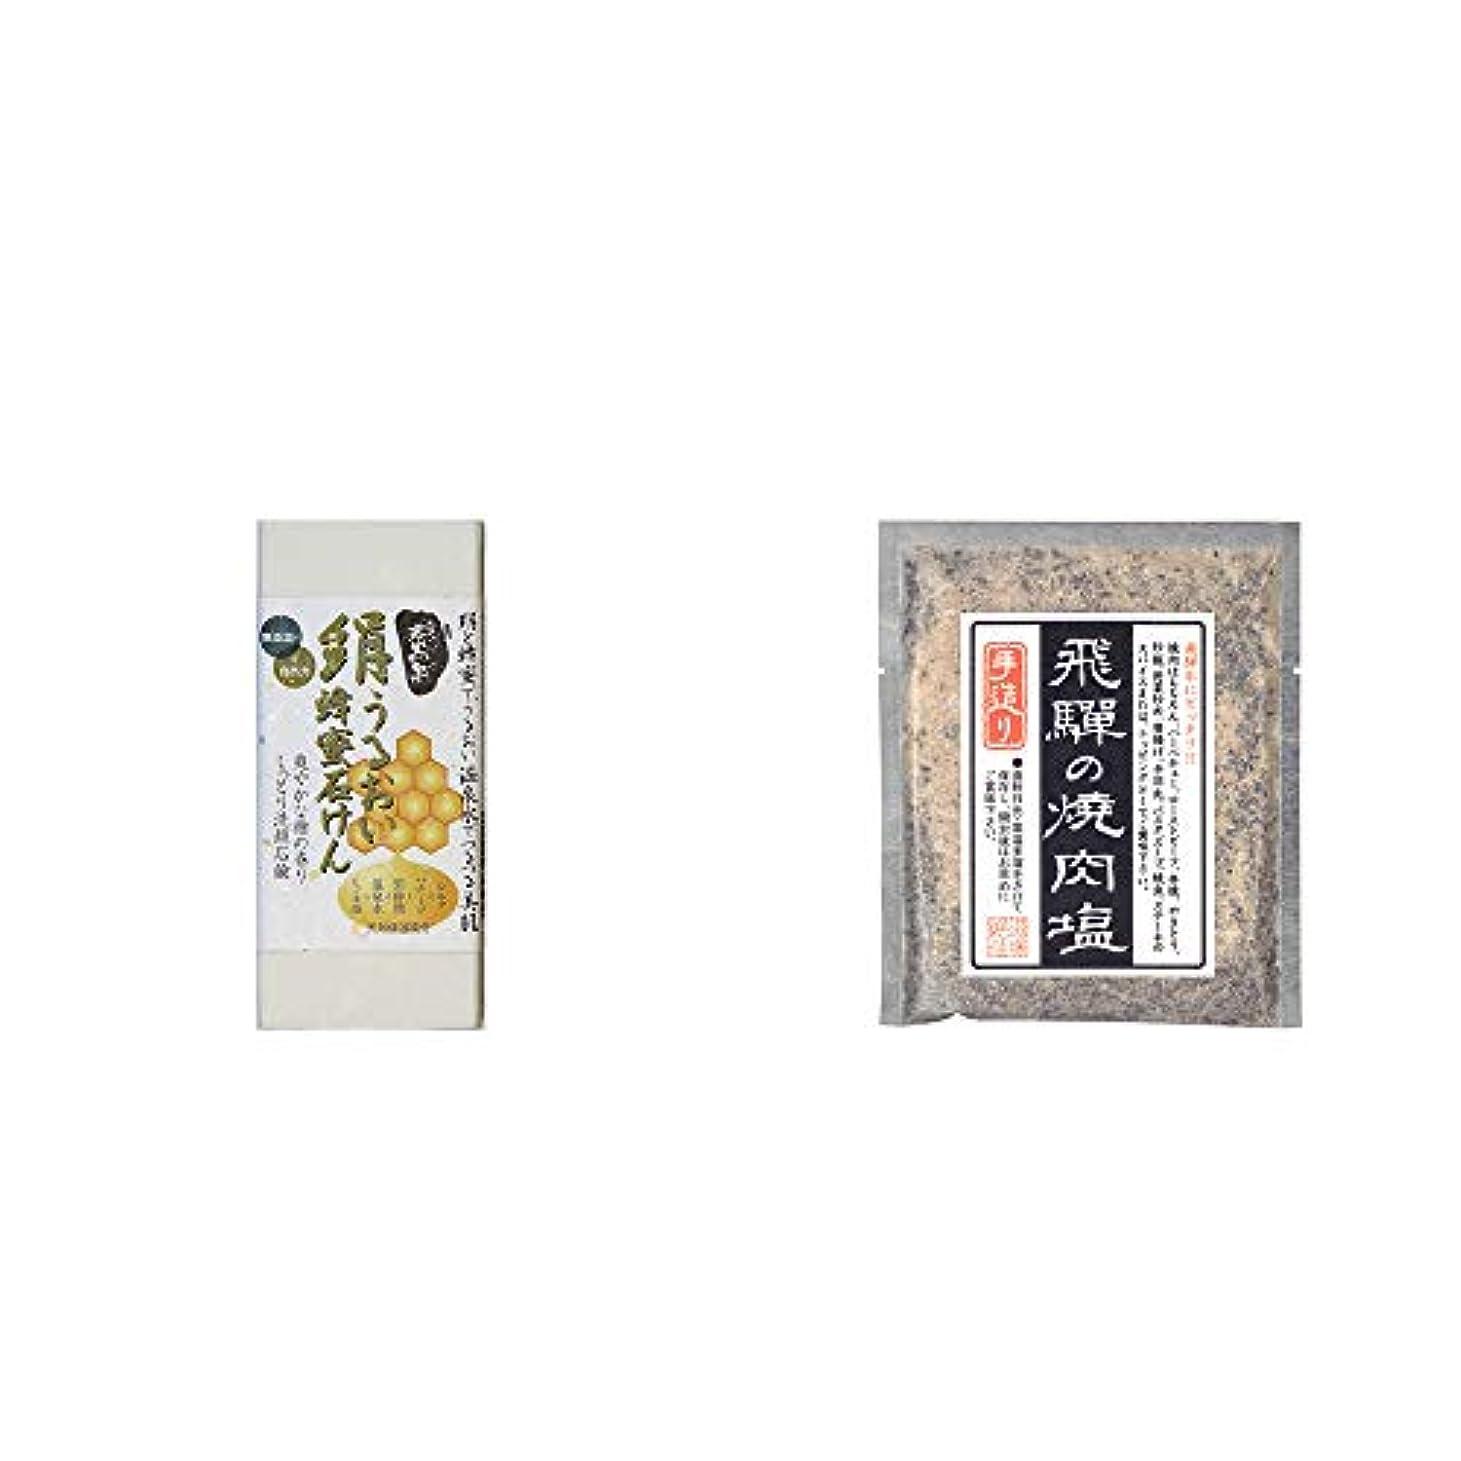 カヌー文房具苦情文句[2点セット] ひのき炭黒泉 絹うるおい蜂蜜石けん(75g×2)?手造り 飛騨の焼肉塩(80g)